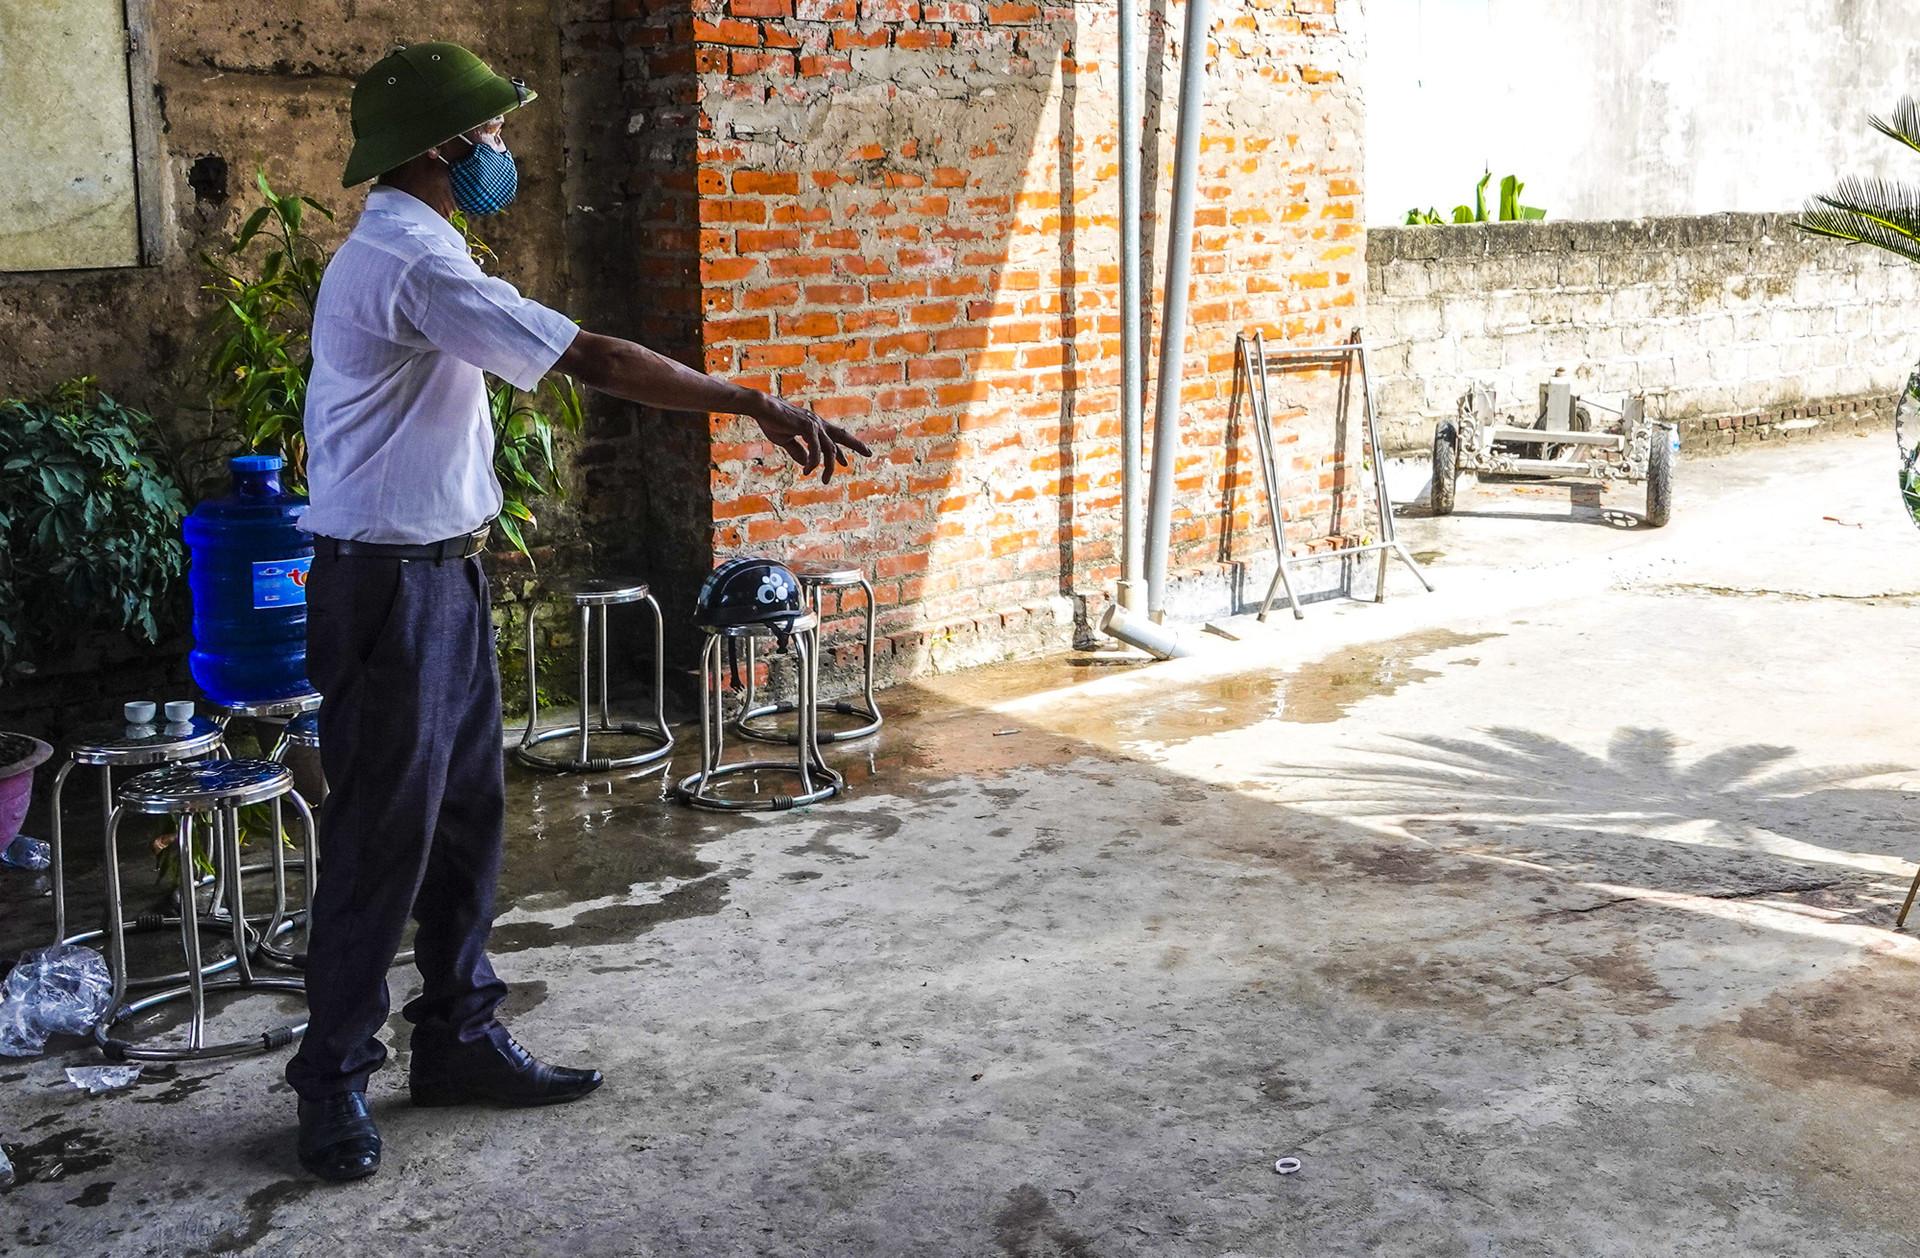 Thảm án 3 người chết ở Thái Bình: Buổi sáng người vợ nộp đơn ly hôn, 1 tiếng sau Đào Văn Thịnh đầu thú-2